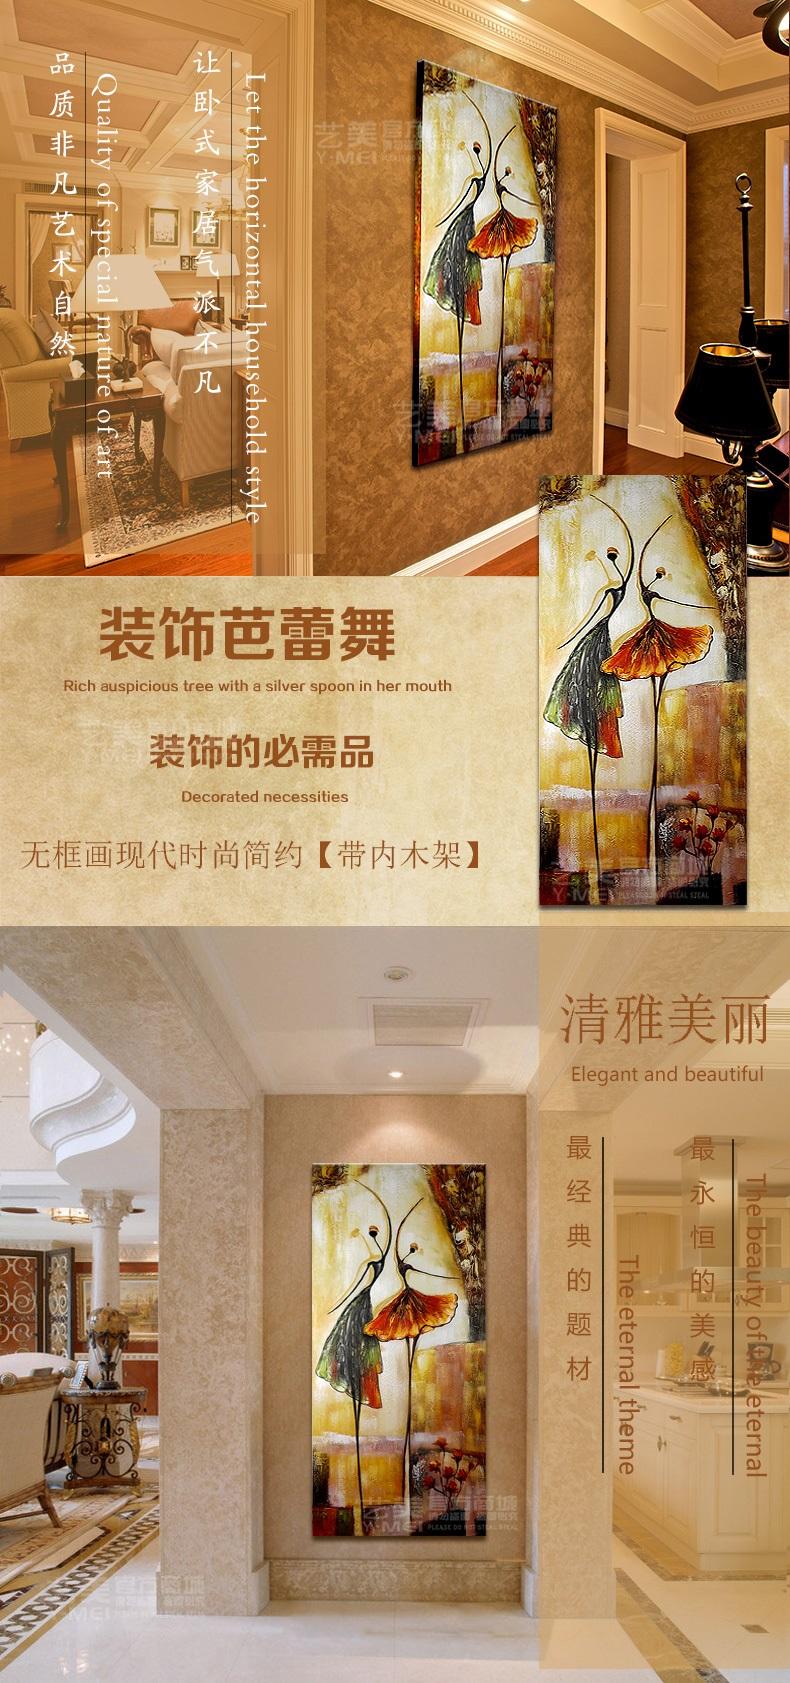 手绘油画抽象人物舞蹈芭蕾舞欧式现代客厅卧室玄关竖